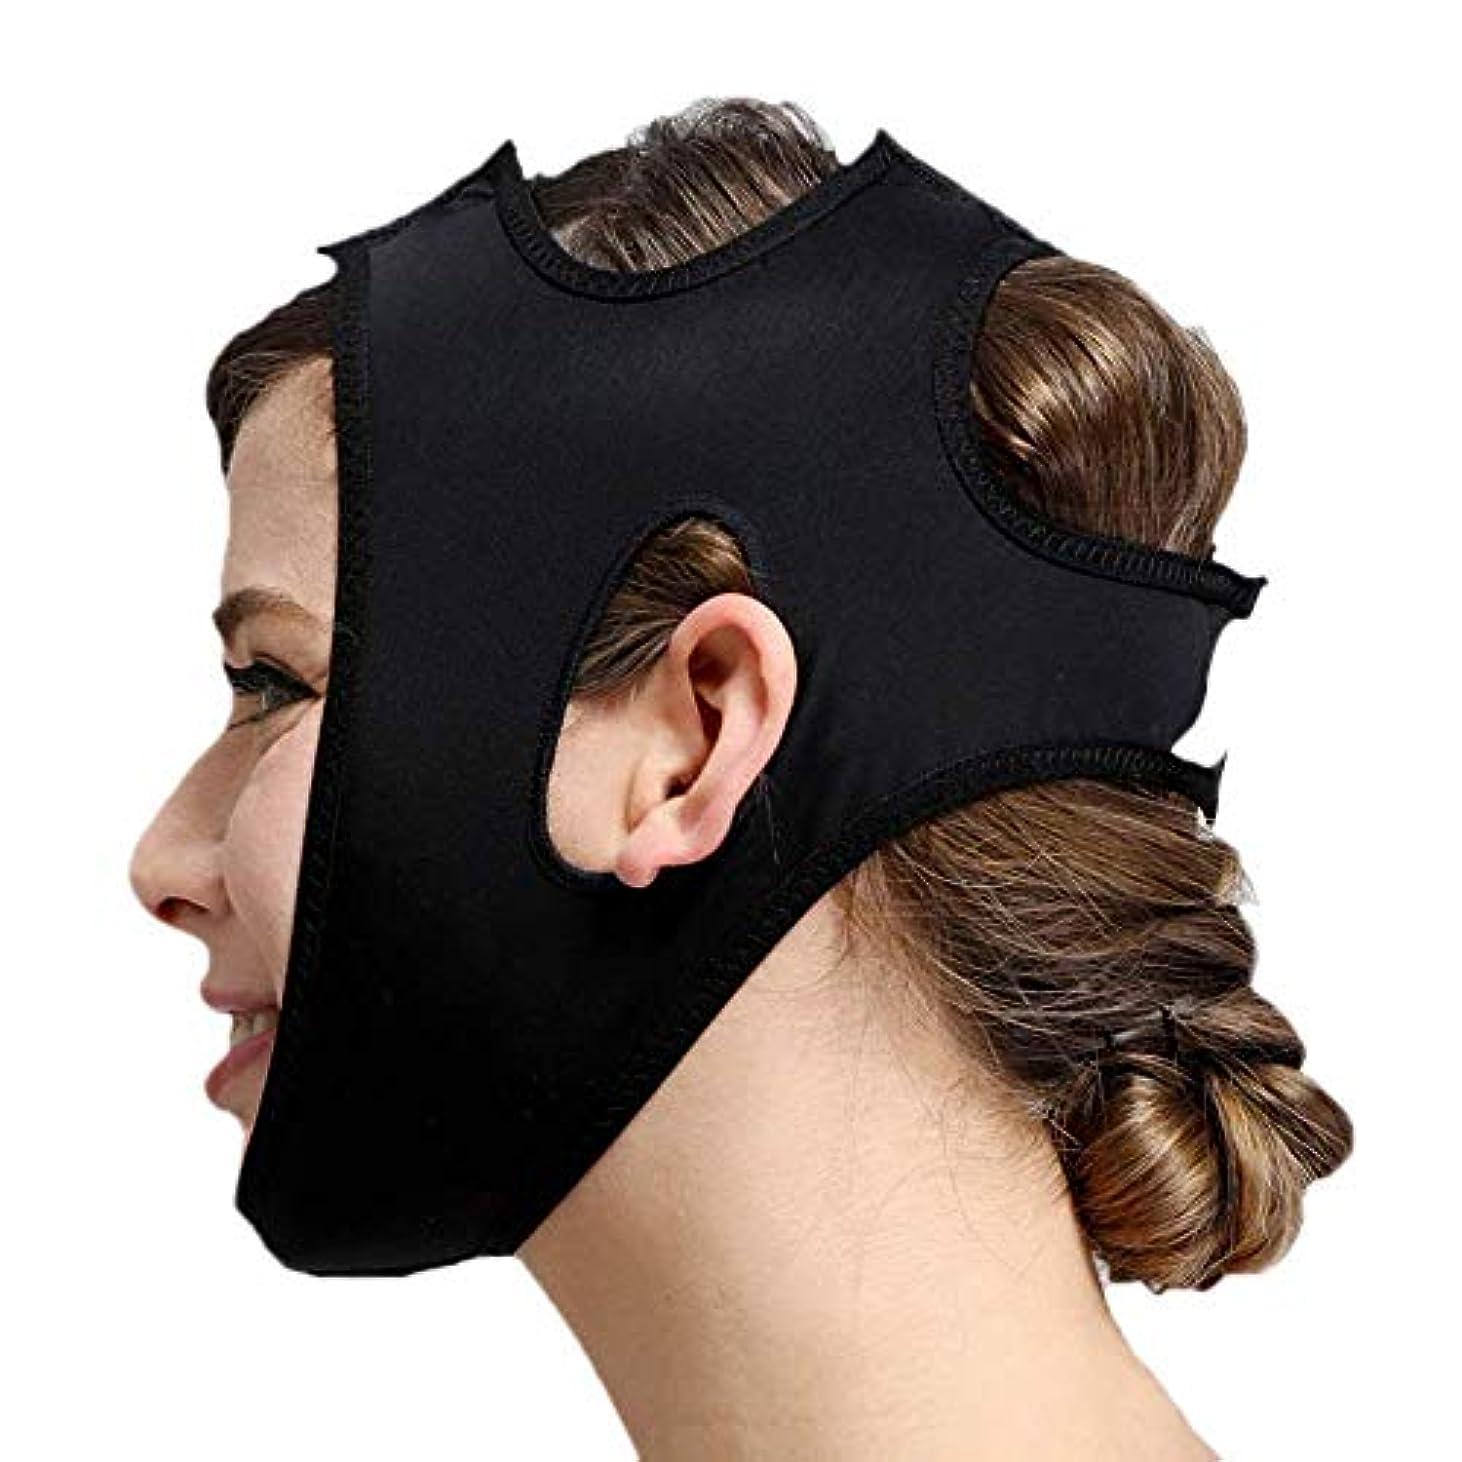 バスト解く値するフェイススリミングマスク、快適さと通気性、フェイシャルリフティング、輪郭の改善された硬さ、ファーミングとリフティングフェイス(カラー:ブラック、サイズ:XL),黒、XXL